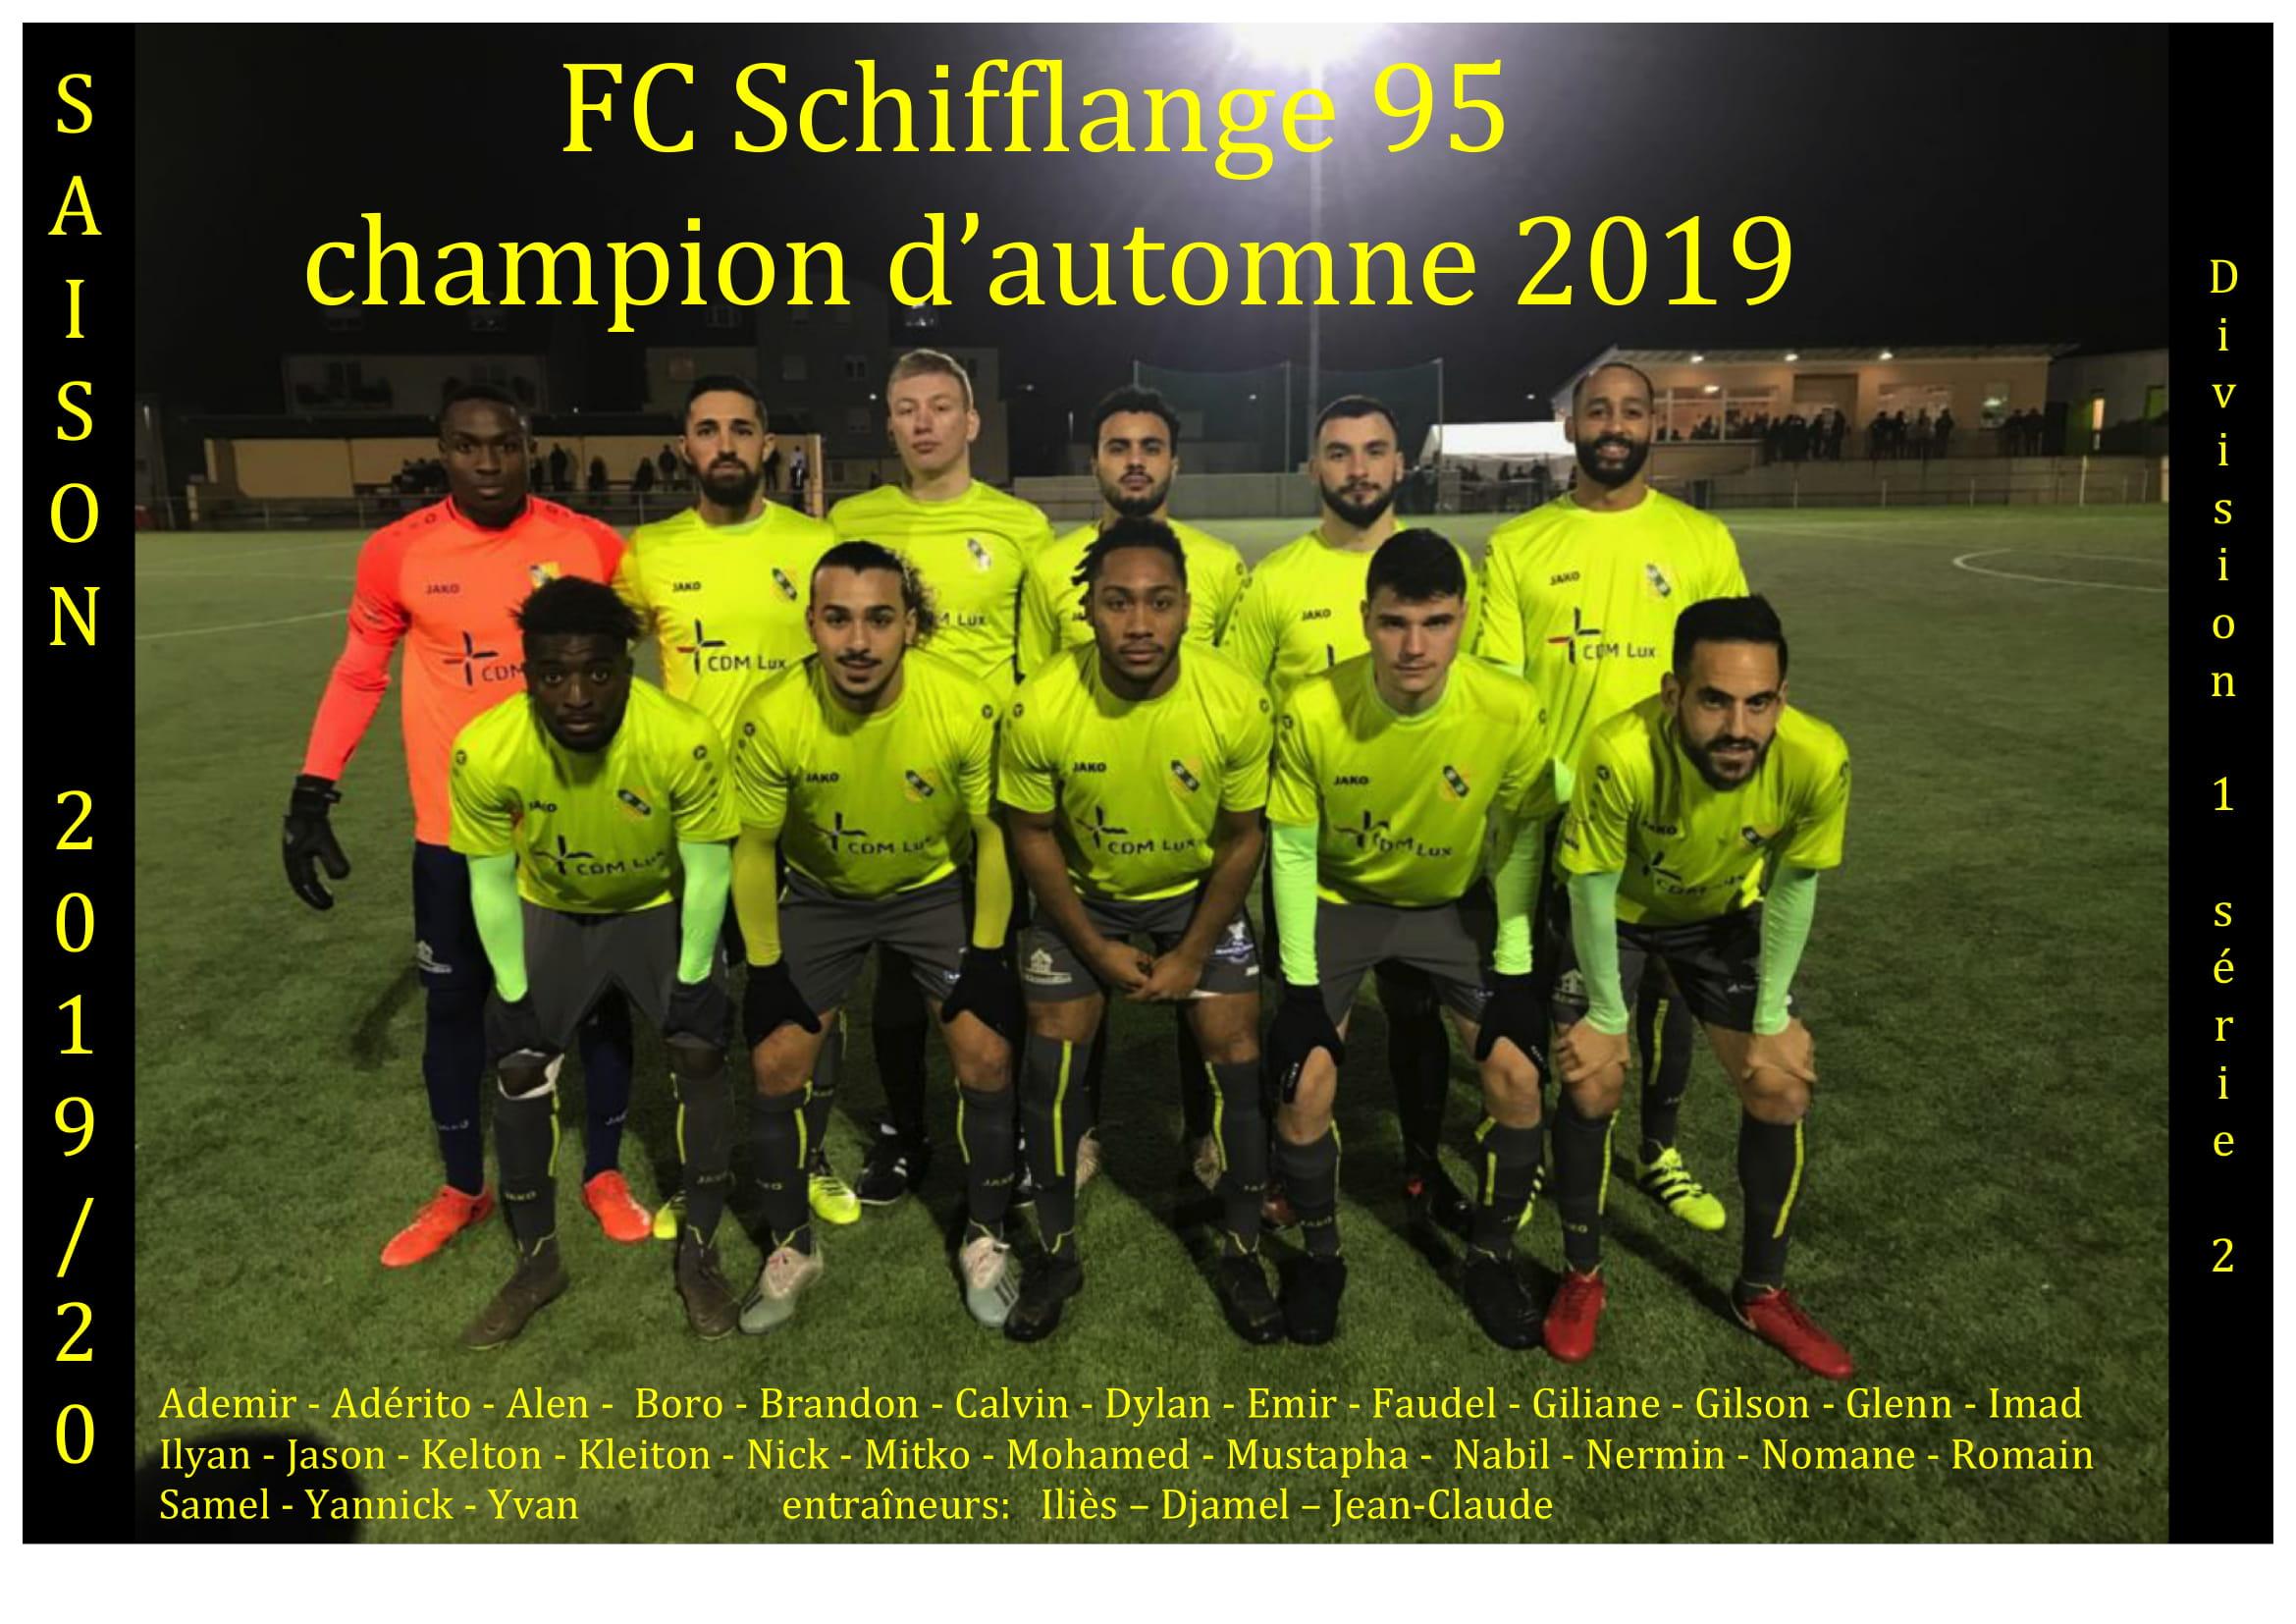 champion d'automne 2019